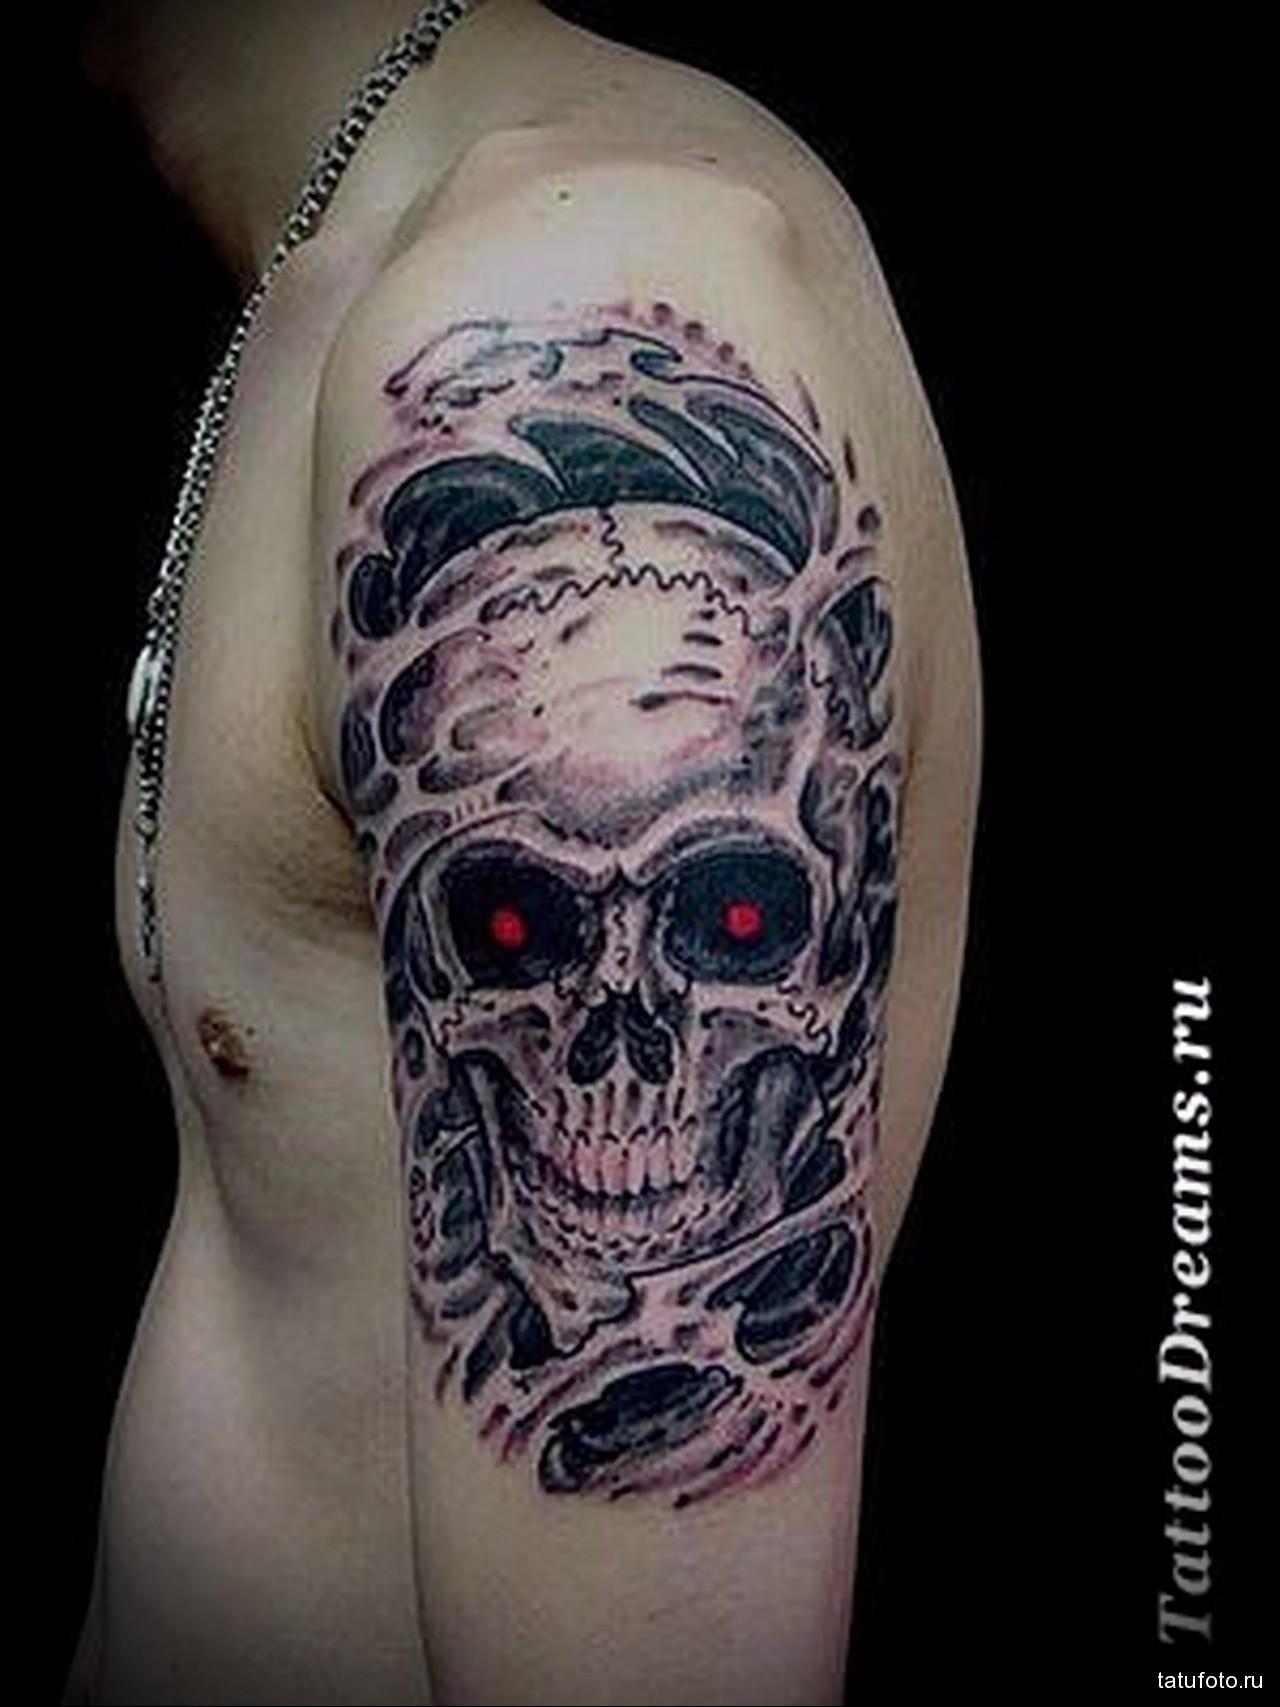 тату череп с красными глазами - мужская татуировка на плече